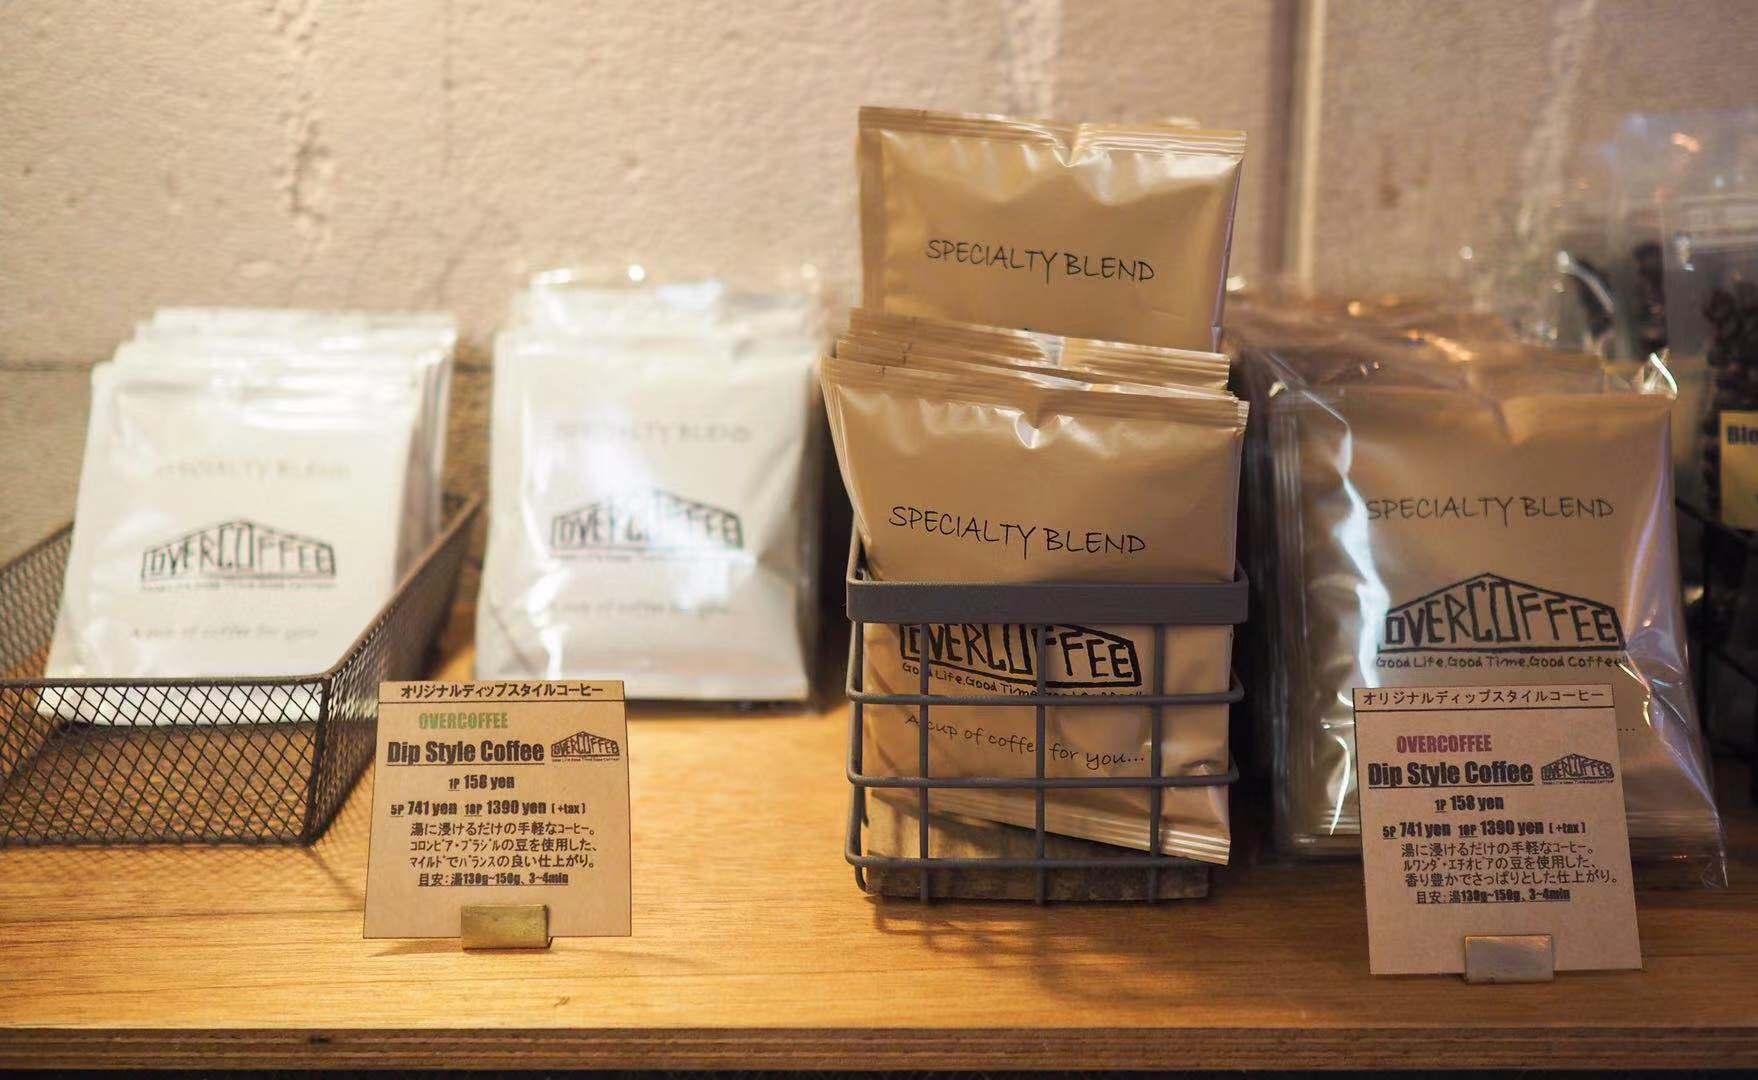 金山の隠れ家コーヒースタンド「OVERCOFFEE and Espresso」で心安らぐひと時を - overcoffee11